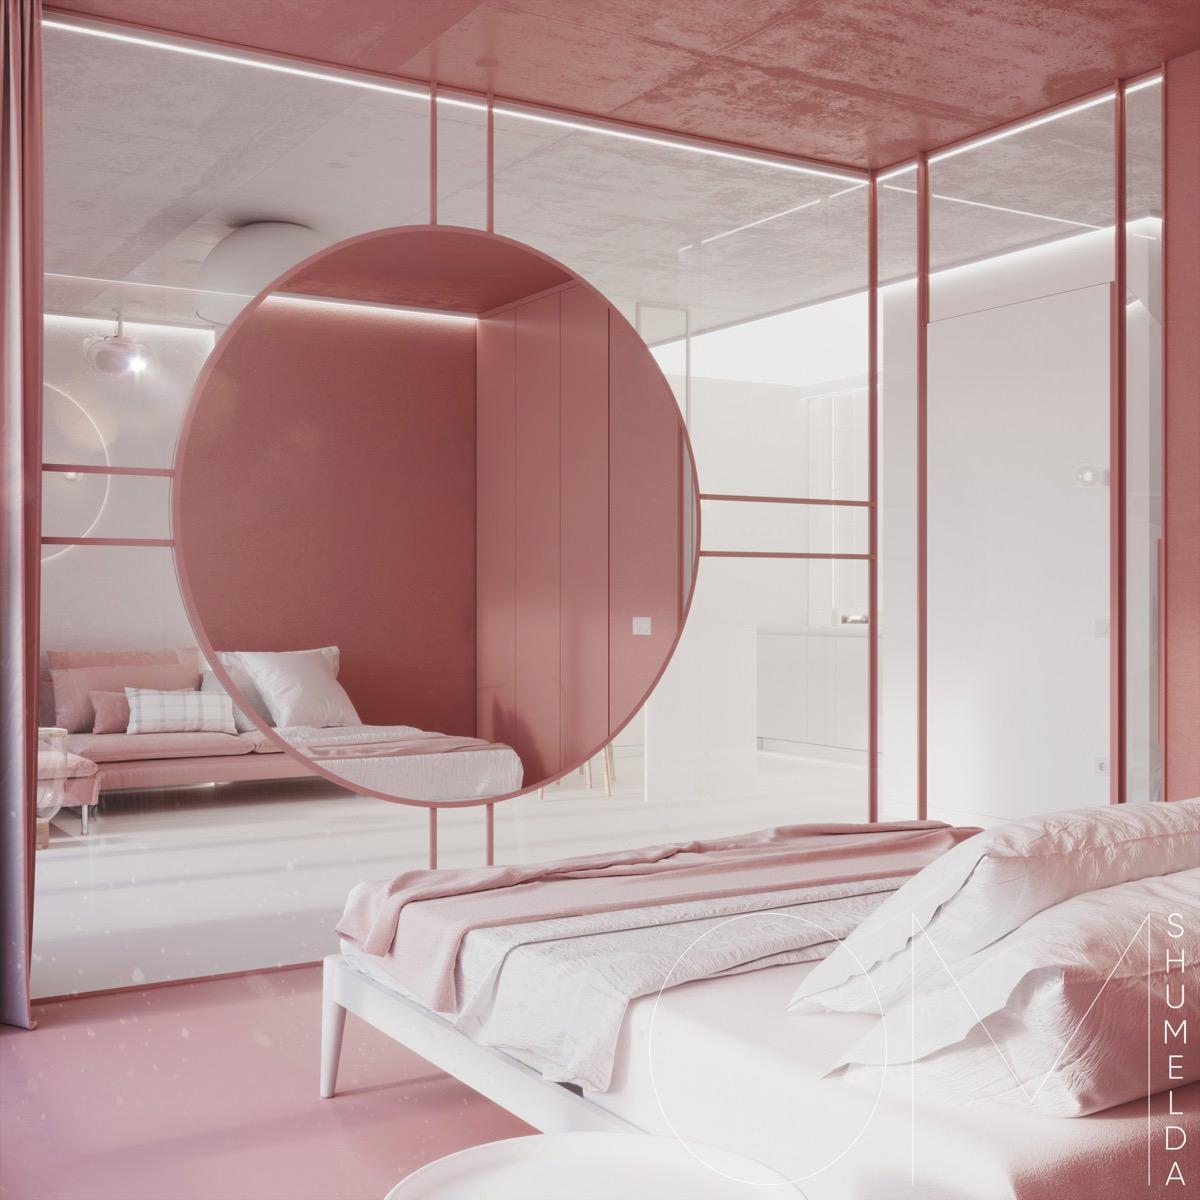 Розово-серое дизайнерское вдохновение: Фотообзор